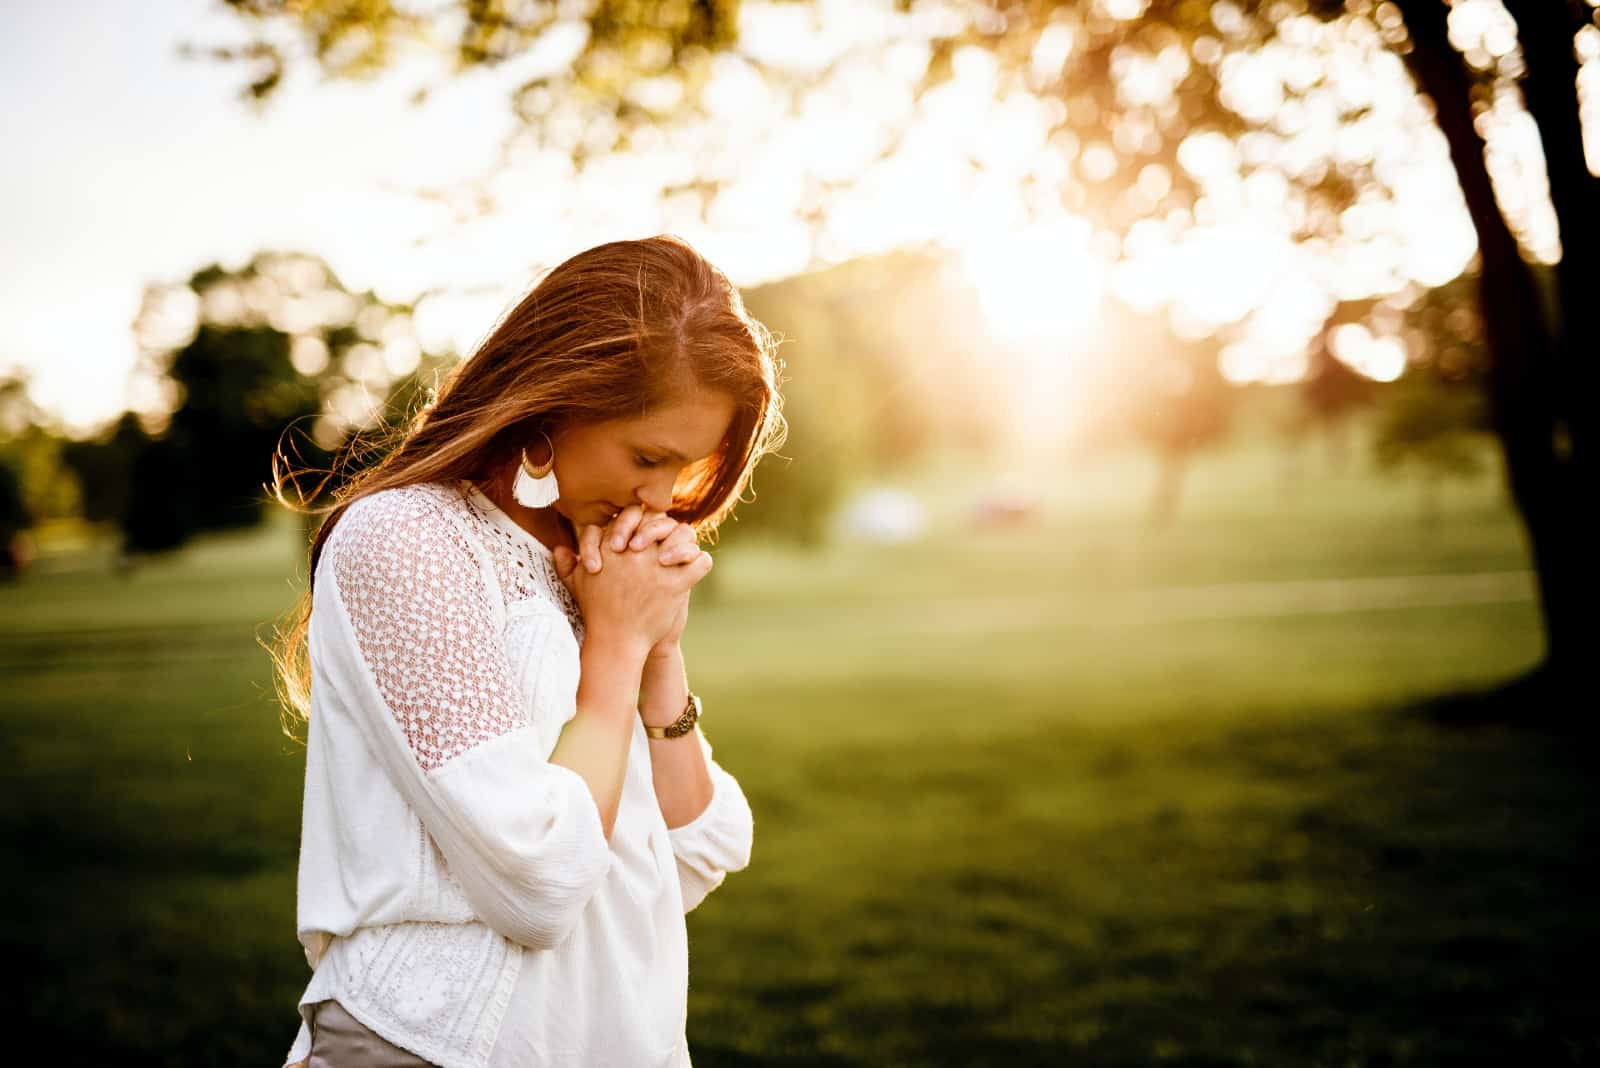 femme priant debout près d'un arbre